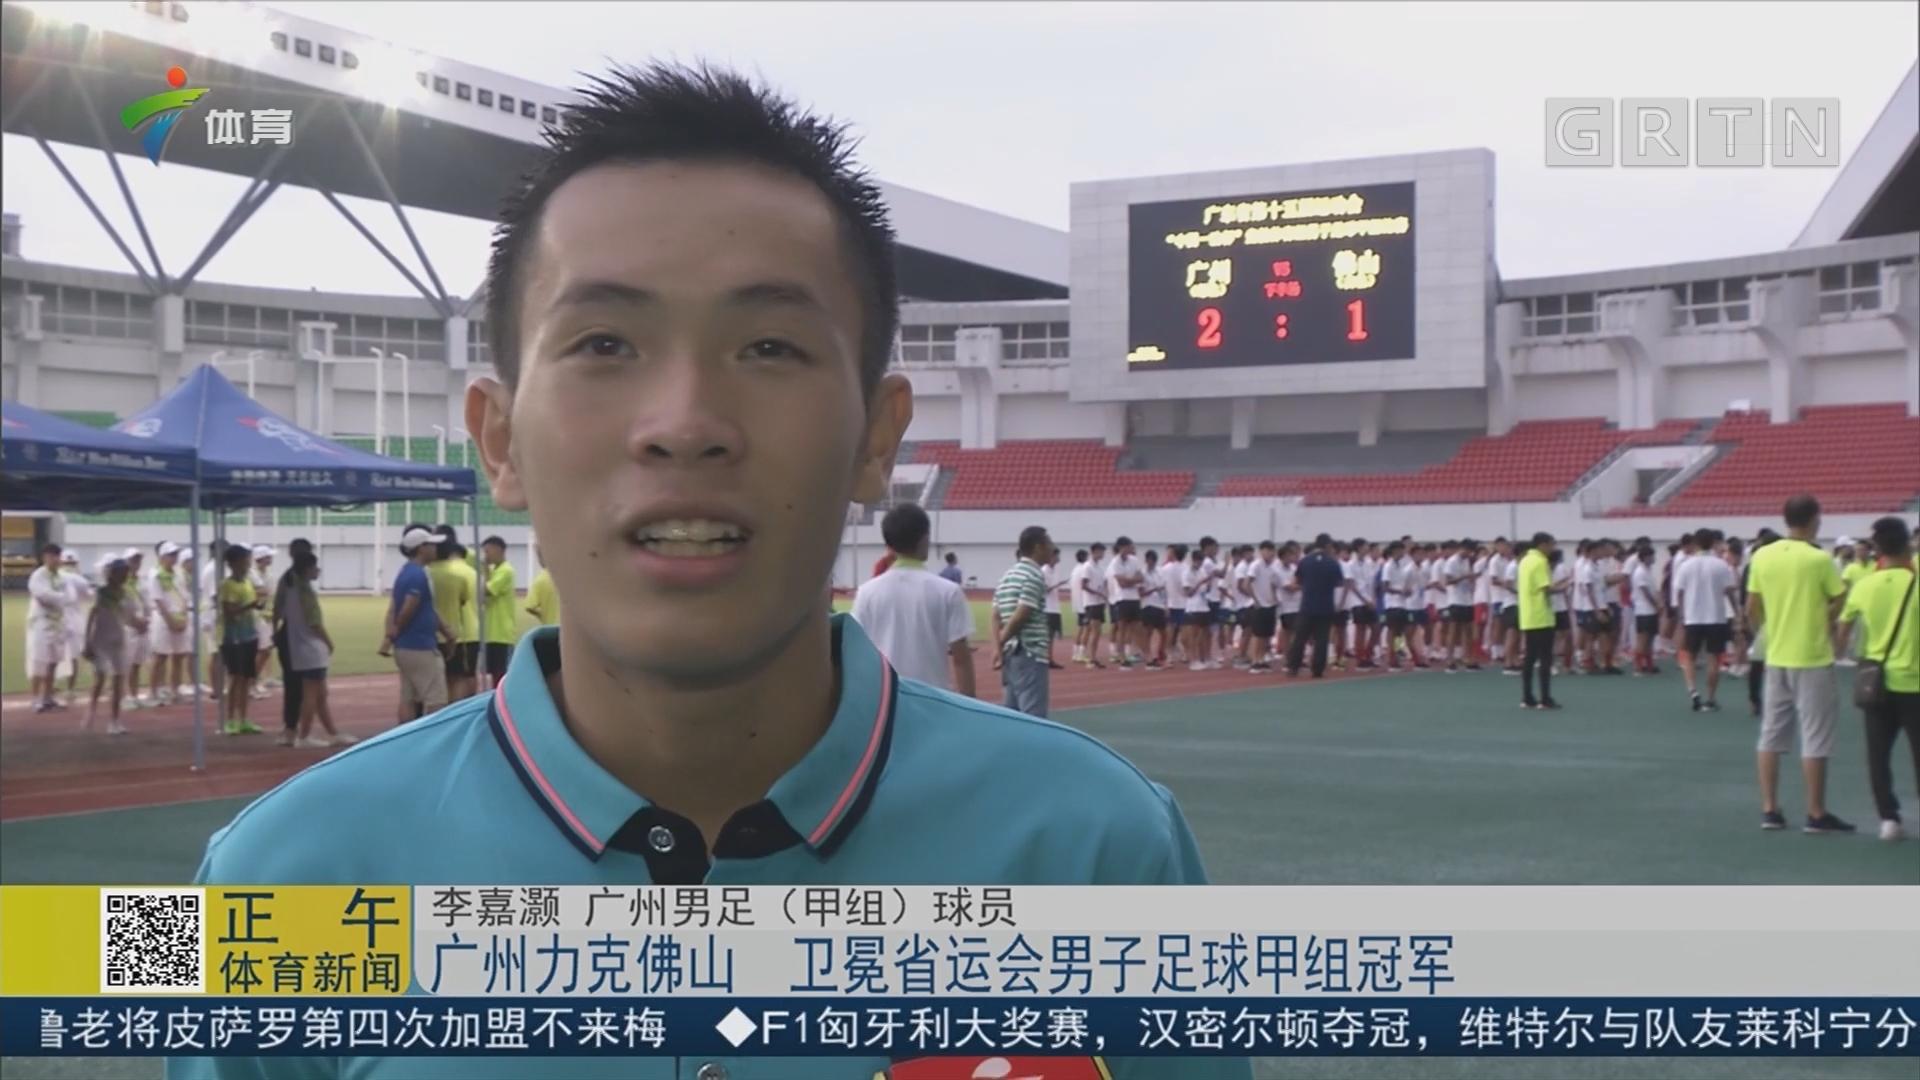 广州力克佛山 卫冕省运会男子足球甲组冠军